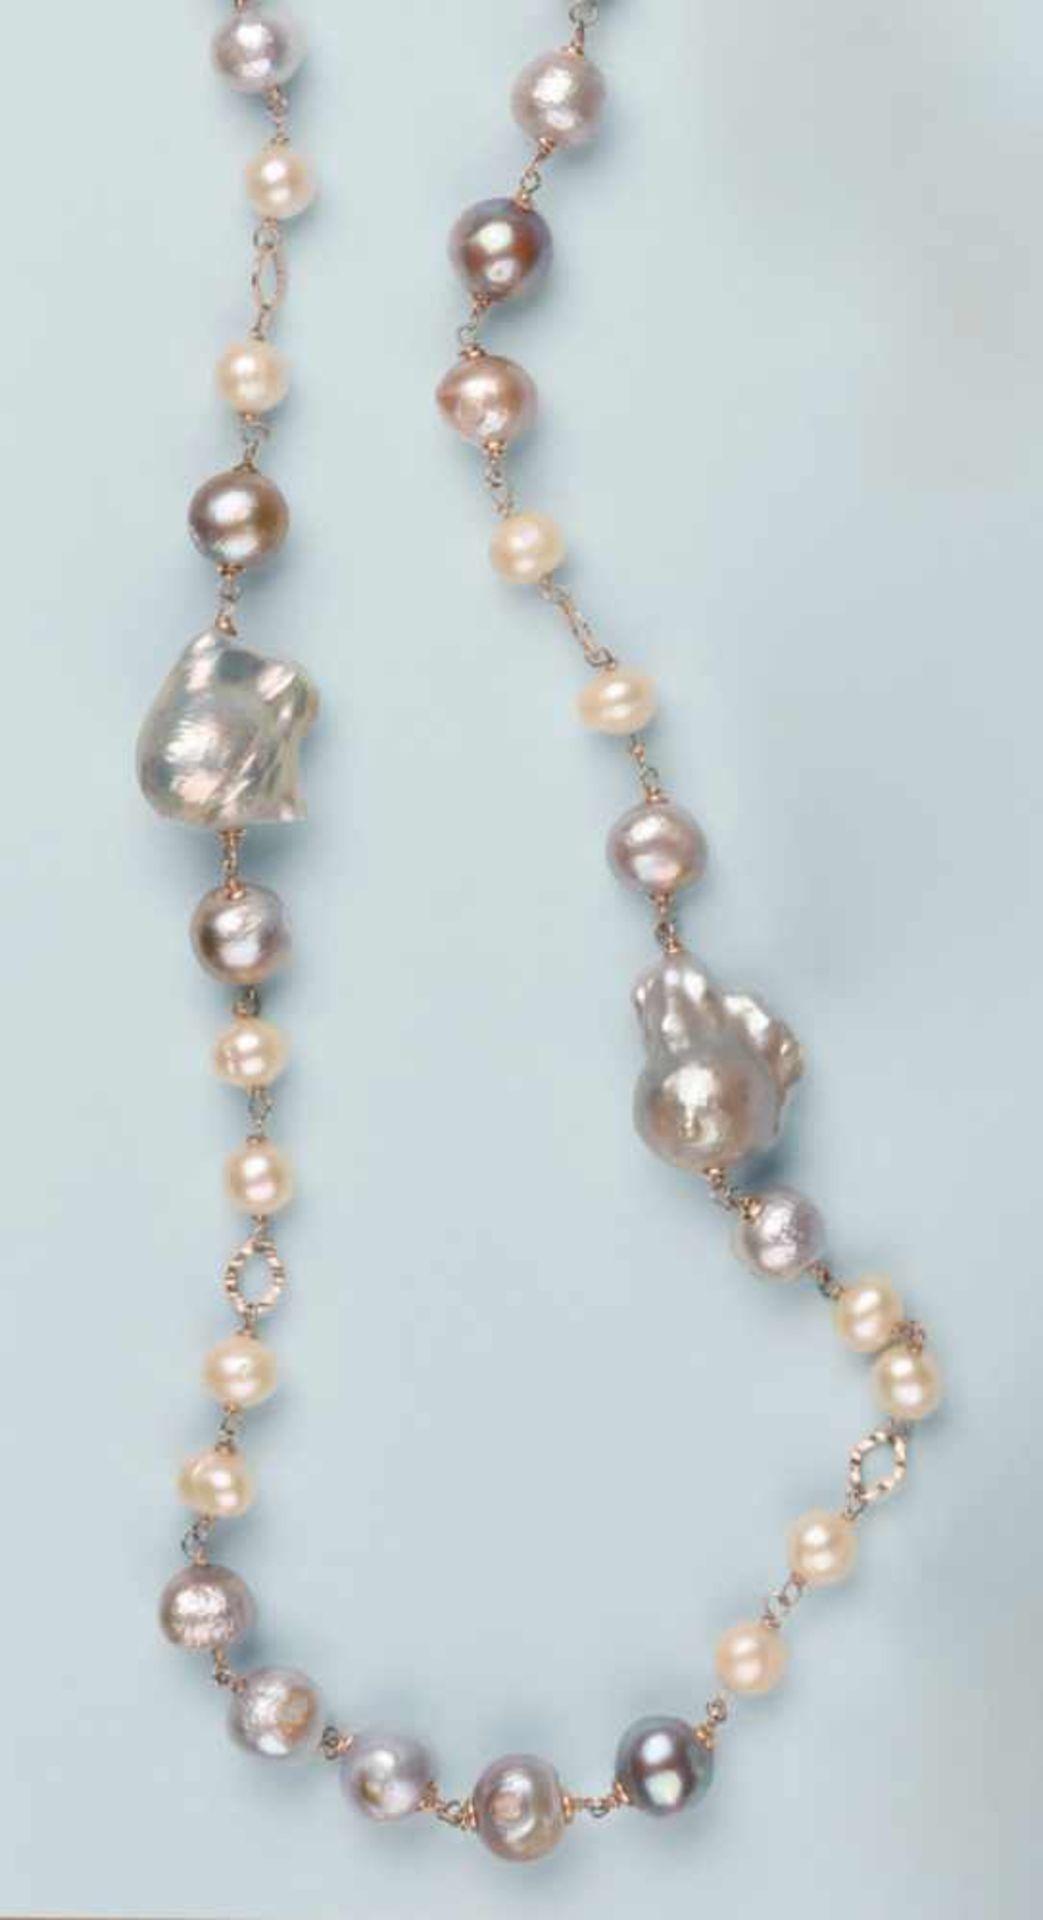 Sautoir composé d'une multitude de perles de culture baroques de différentes nuances: blanc à